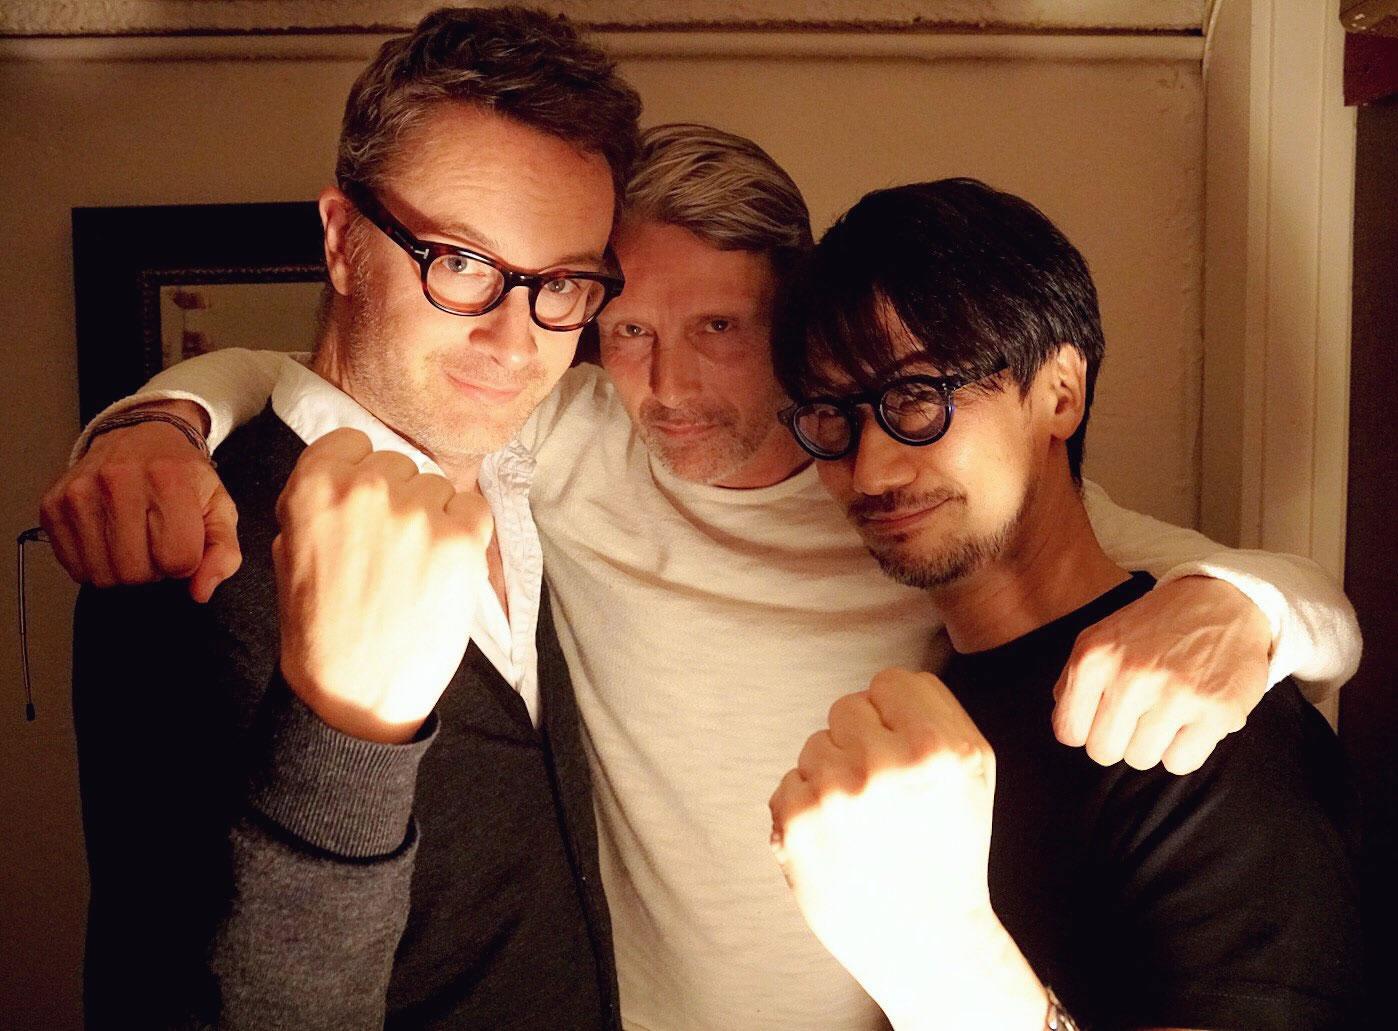 La performance capture de Death Stranding a repris avec Norman Reedus et Mads Mikkelsen